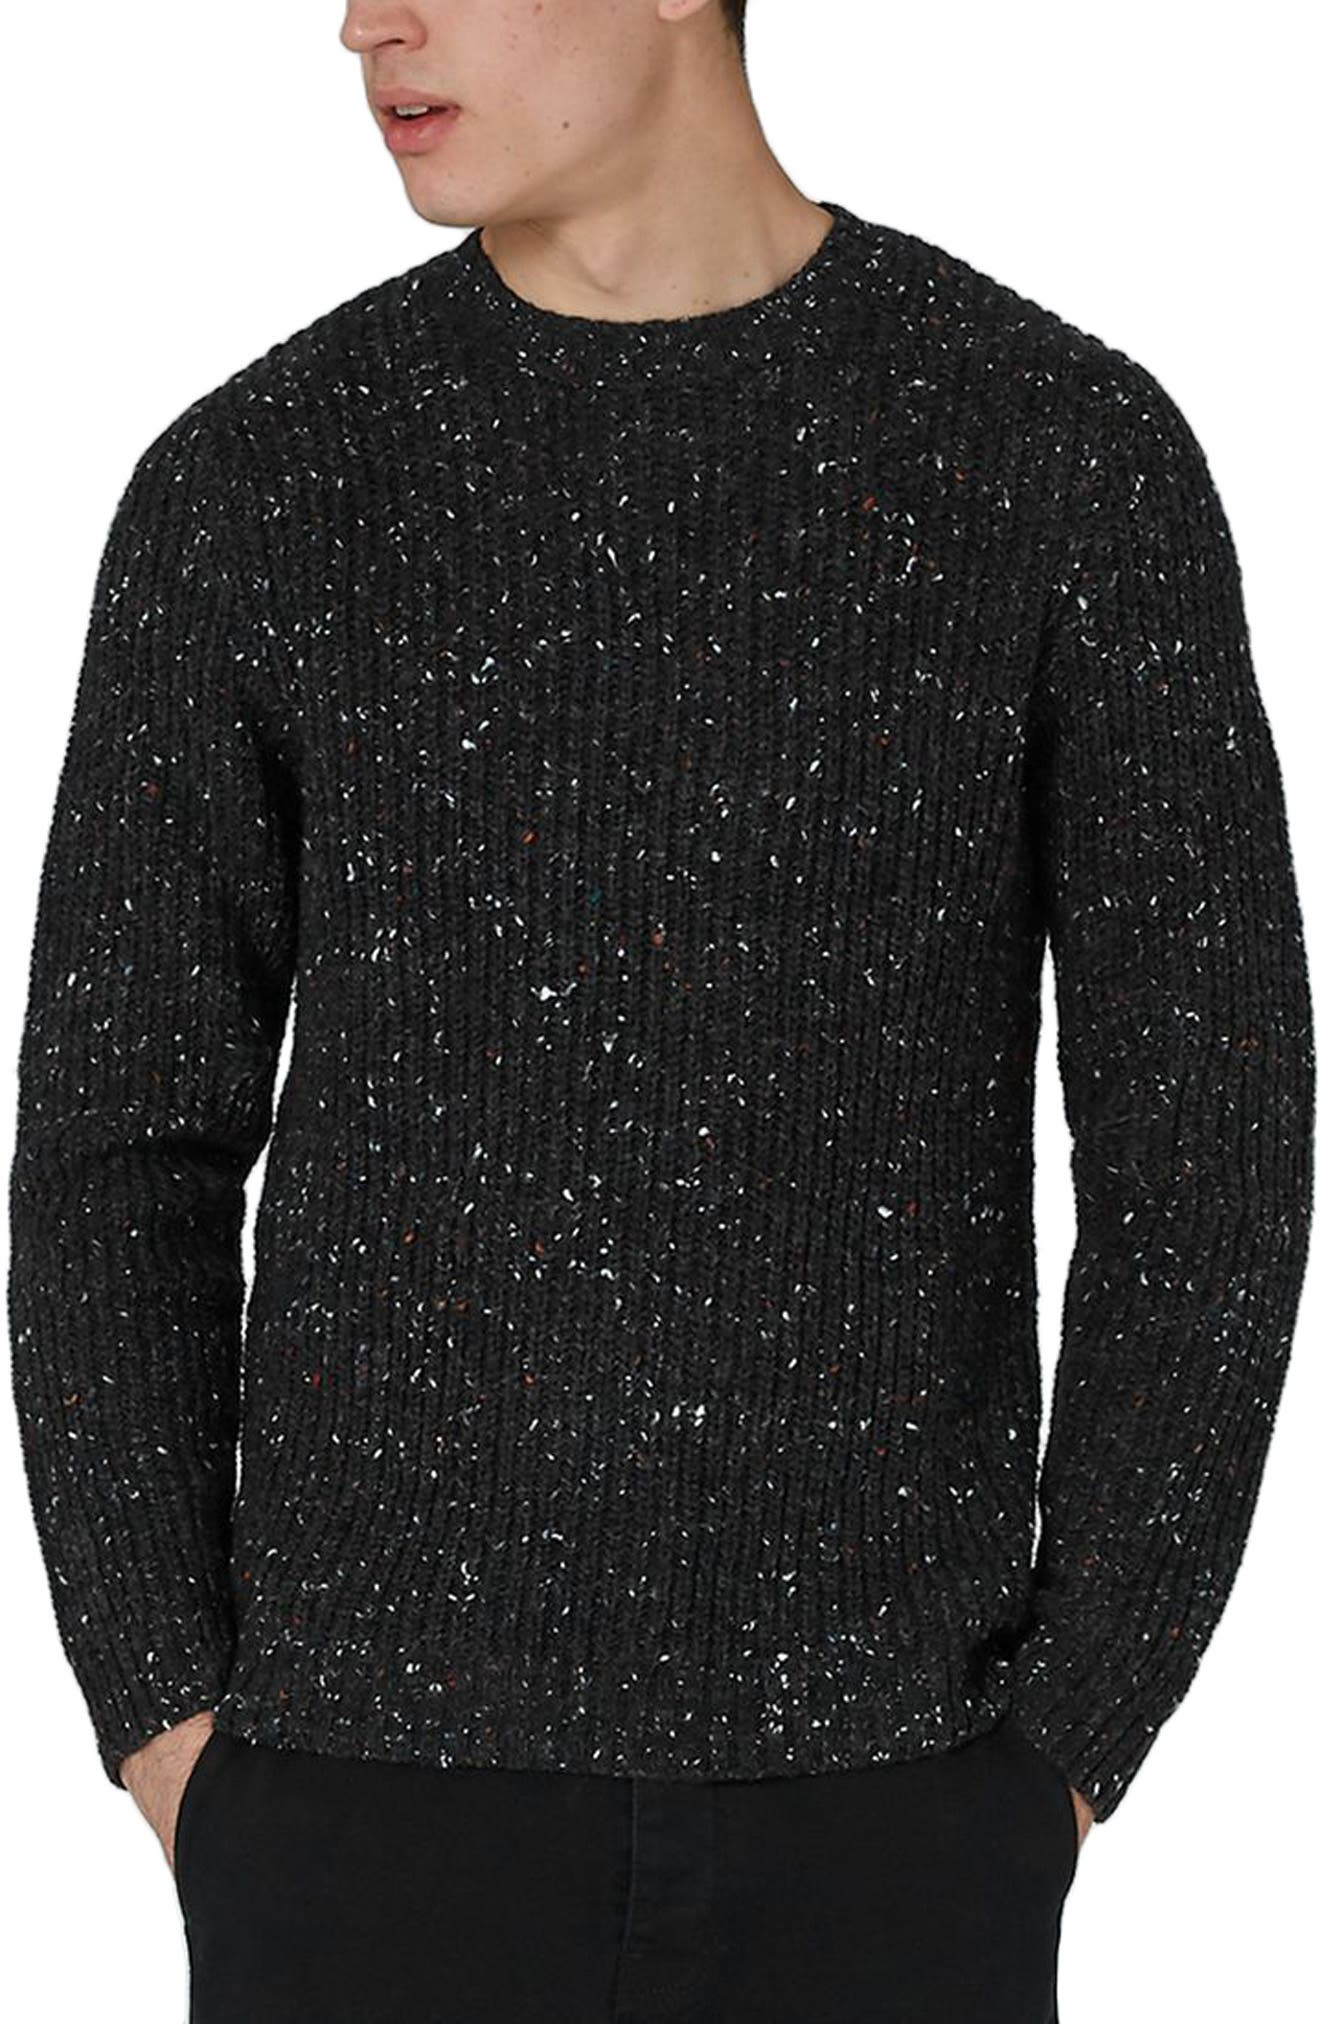 Premium Fisherman Sweater,                             Main thumbnail 1, color,                             Charcoal